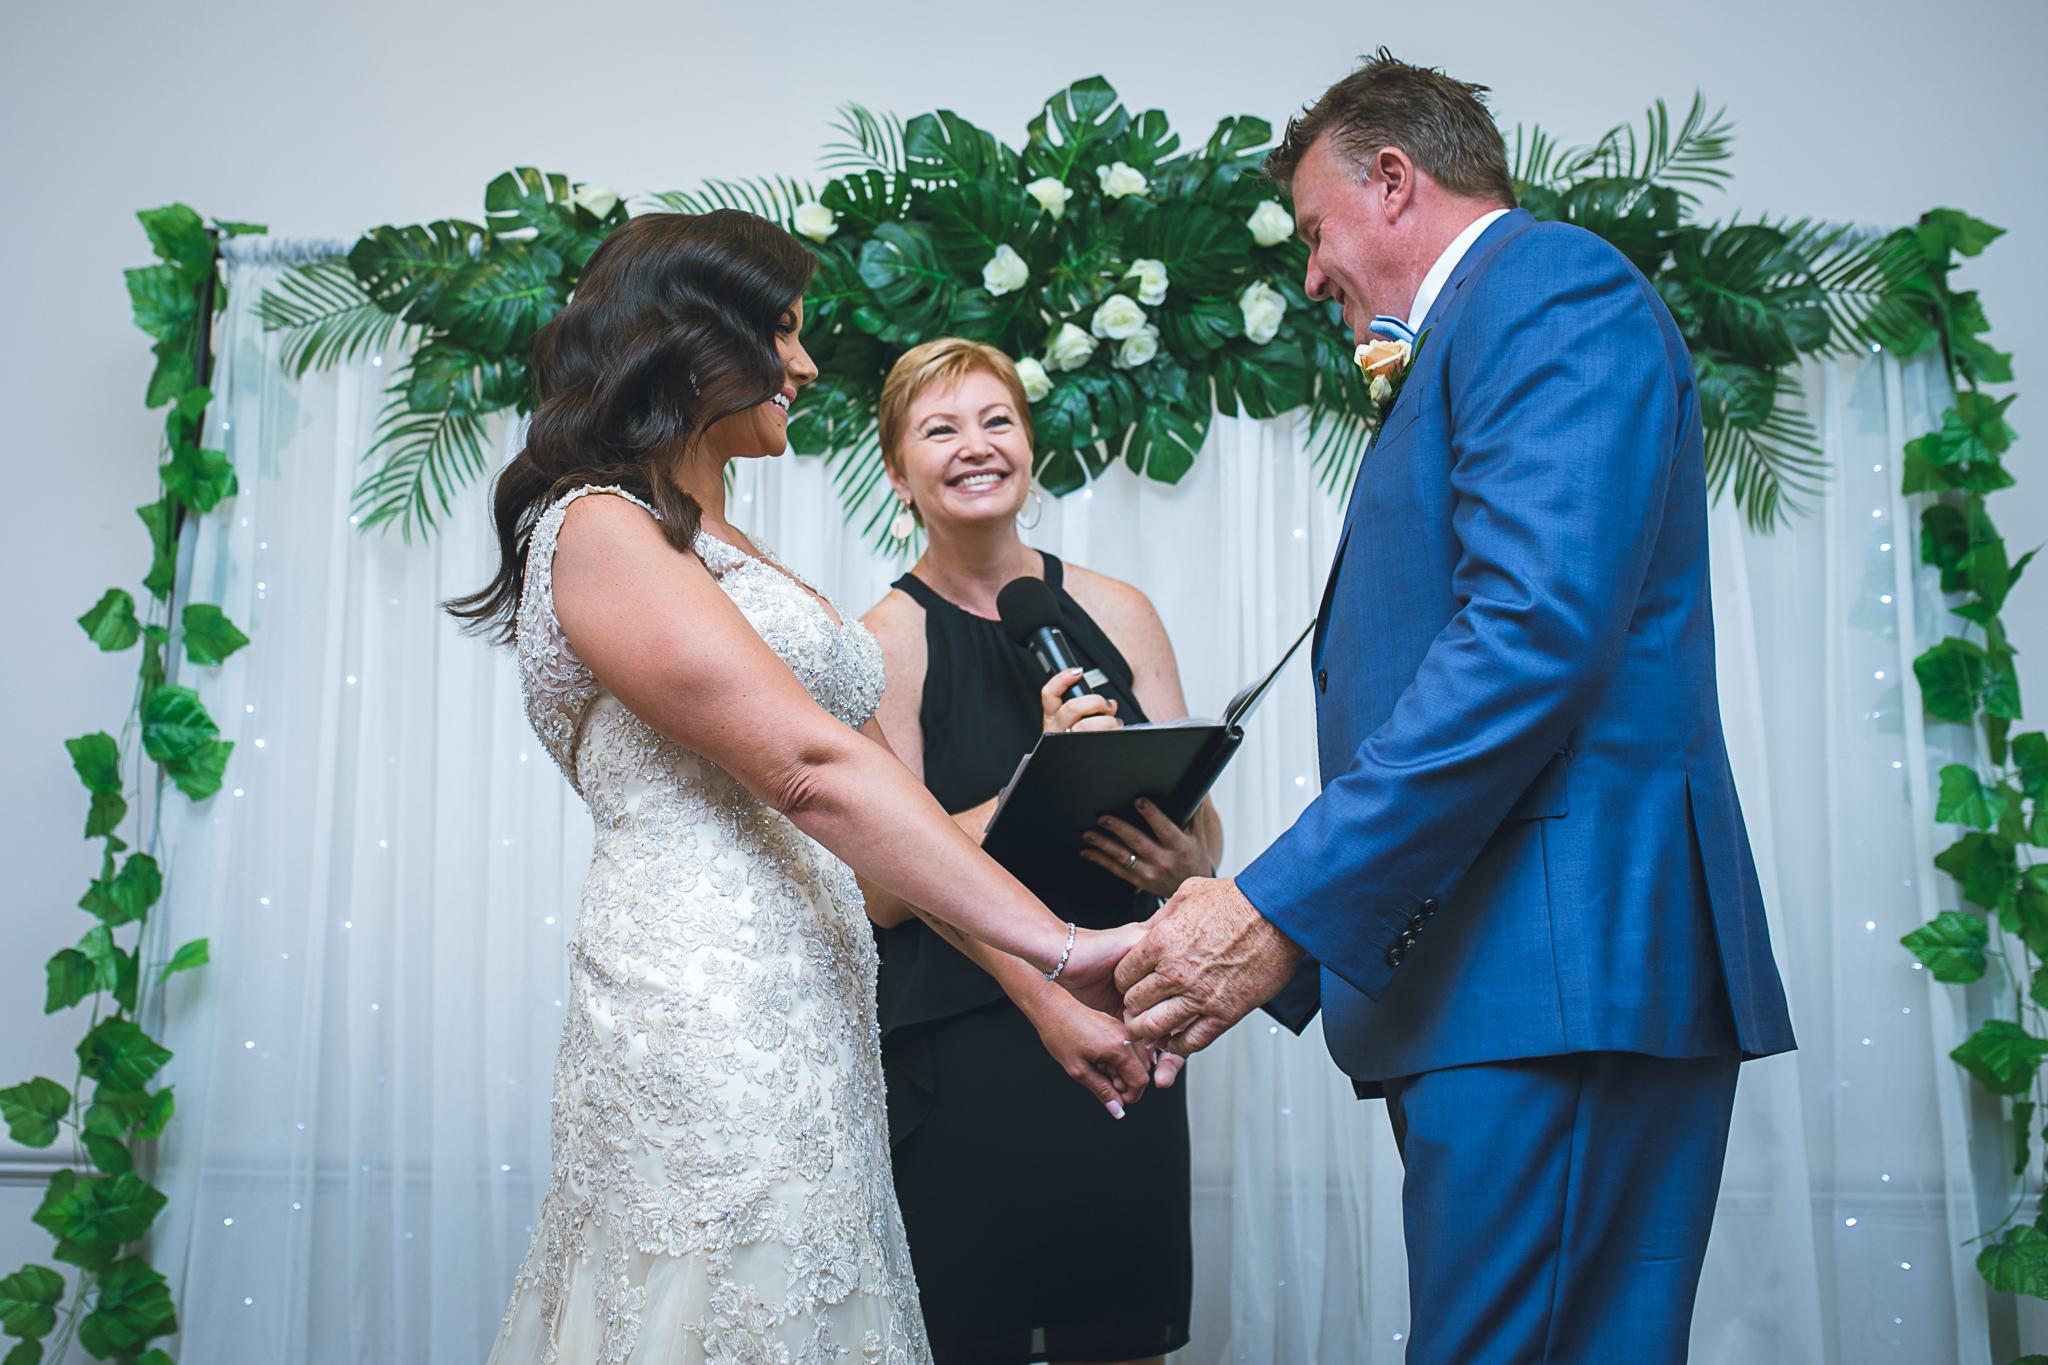 Melanie+Colin+Fun+Wedding_Novotel.jpeg